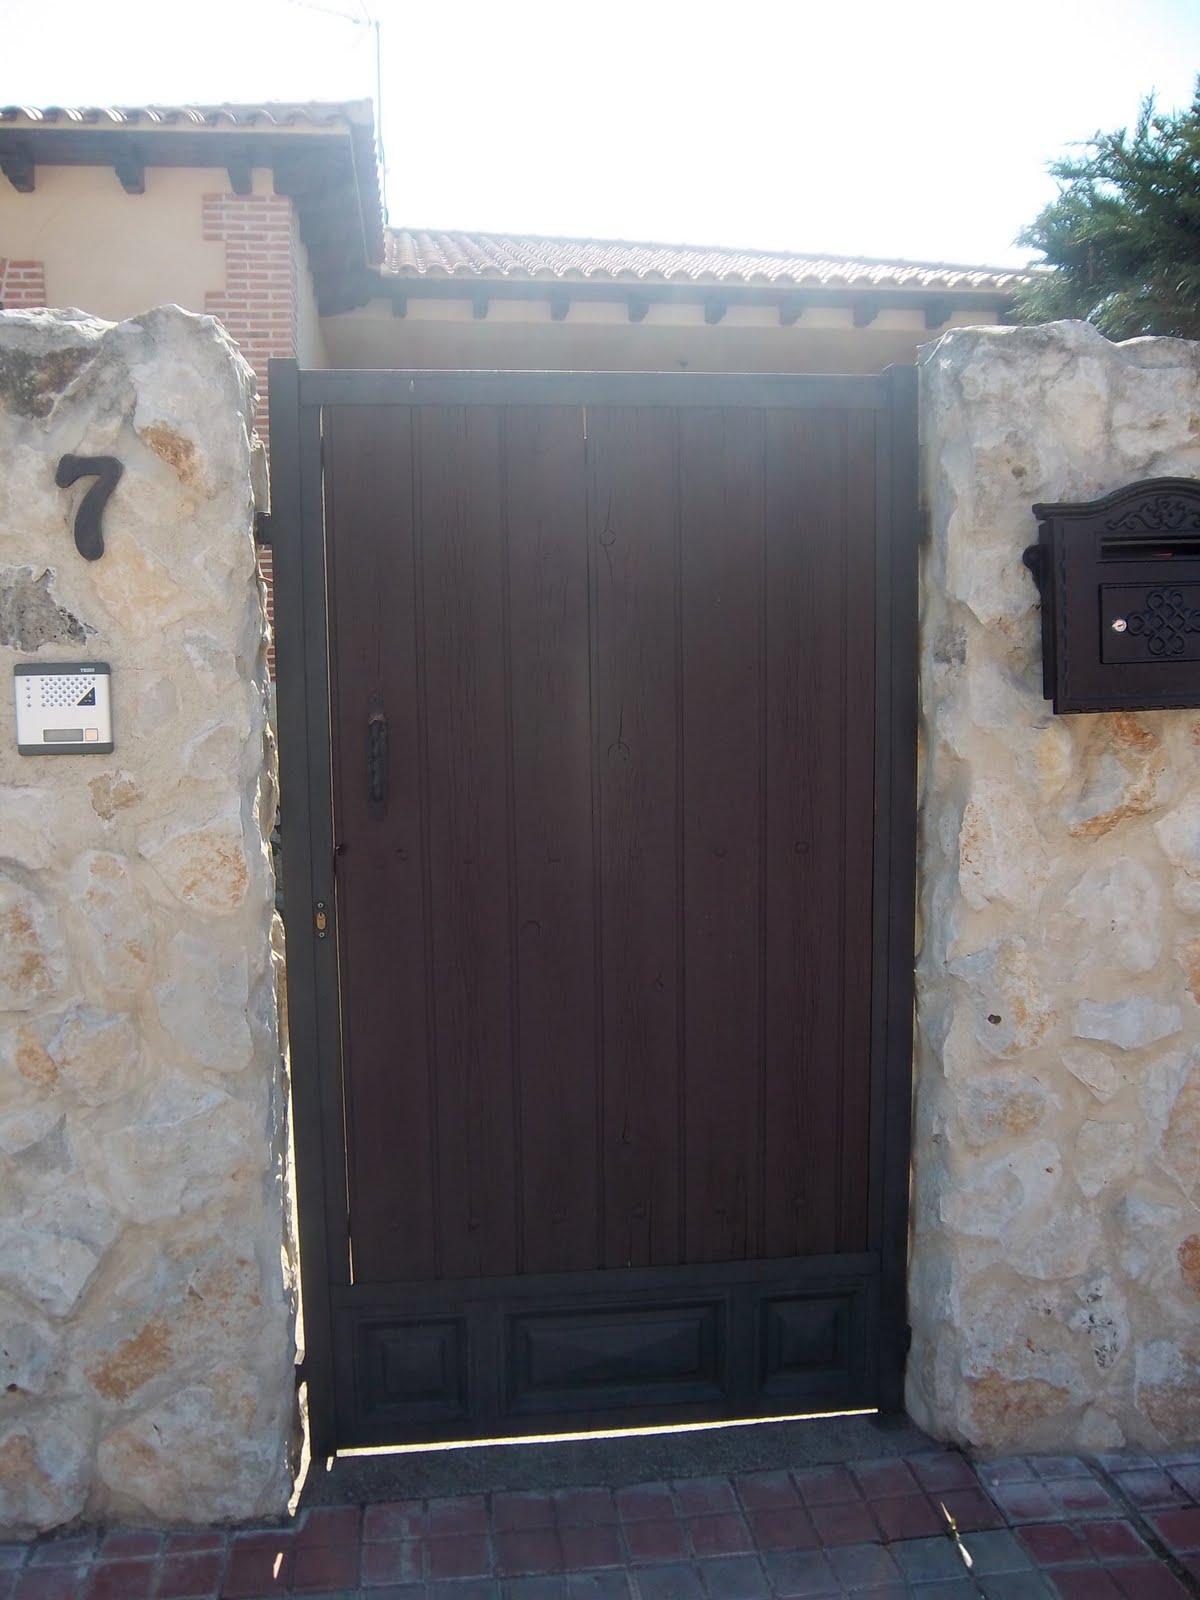 Norbel carpinteria met lica y acero inoxidable trasera y for Puertas de hierro y madera